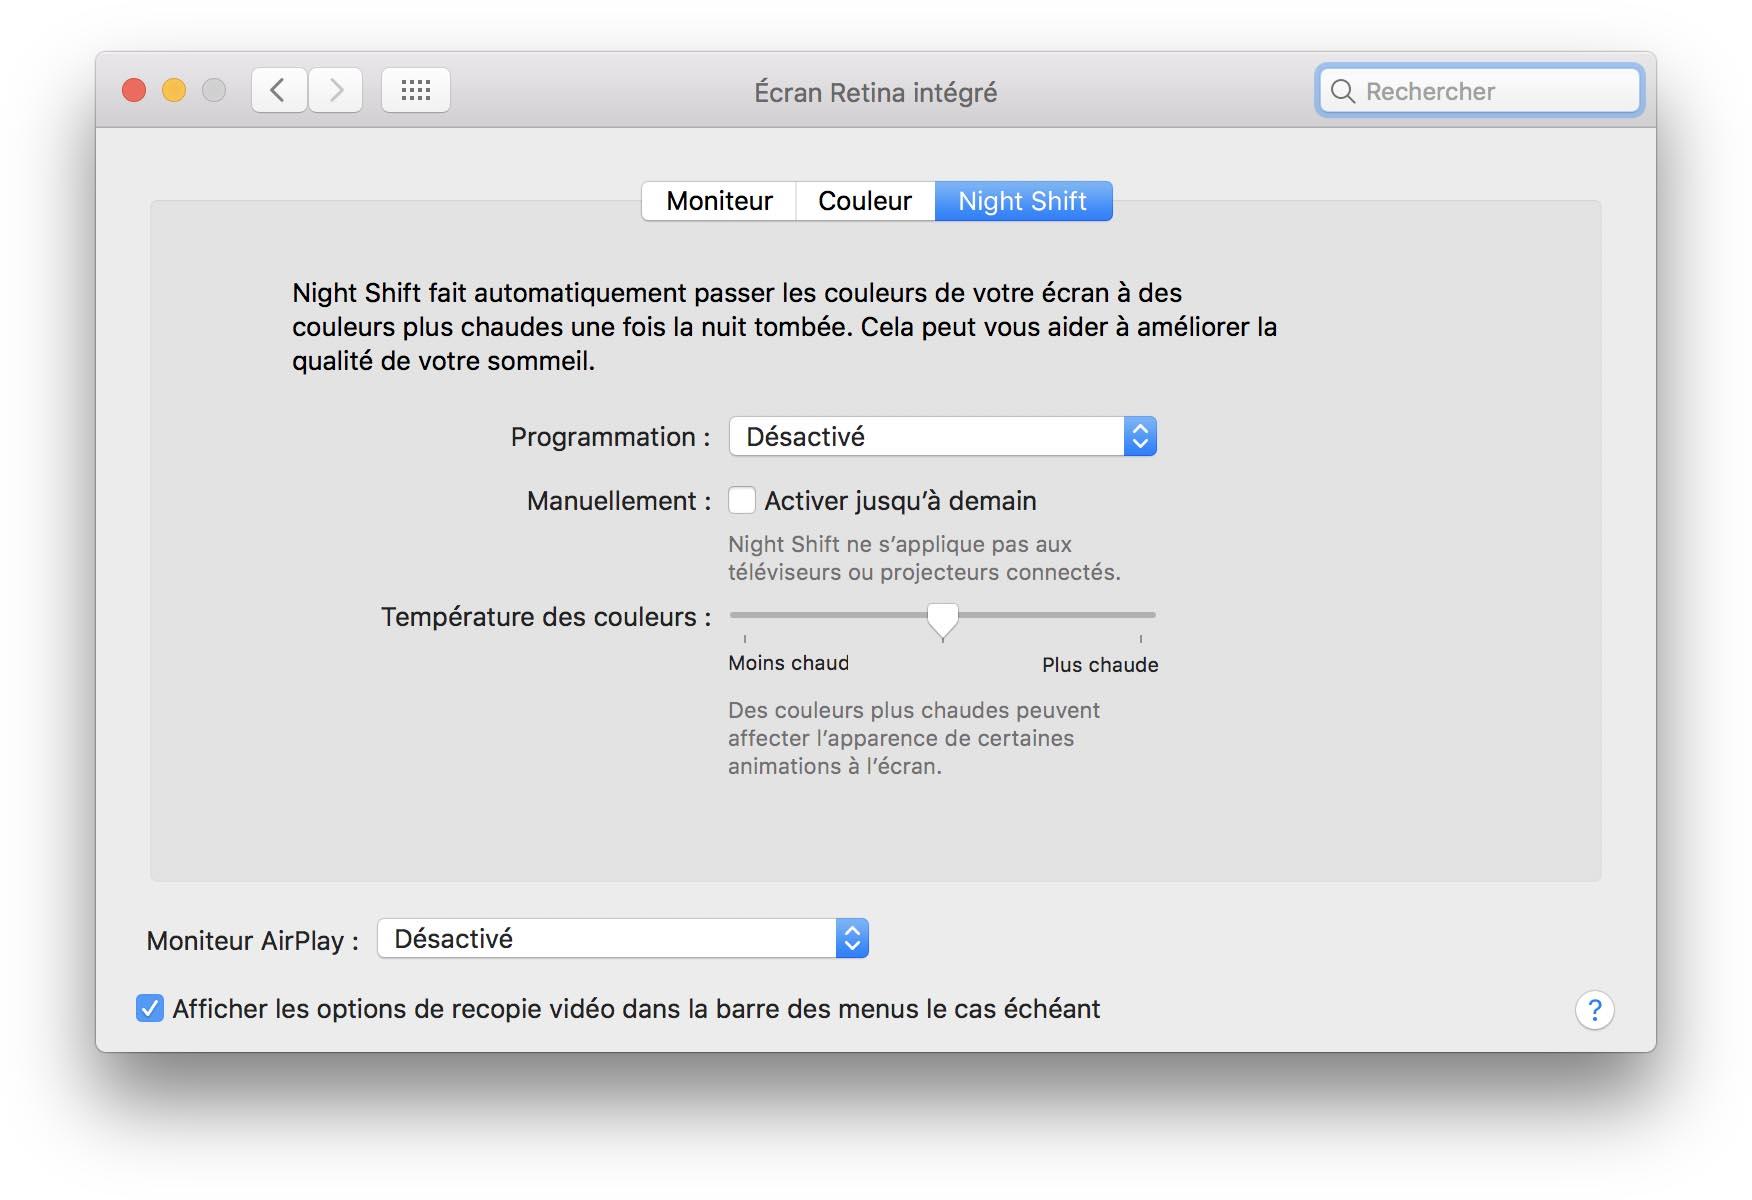 macOS 10.12.4 Night Shift